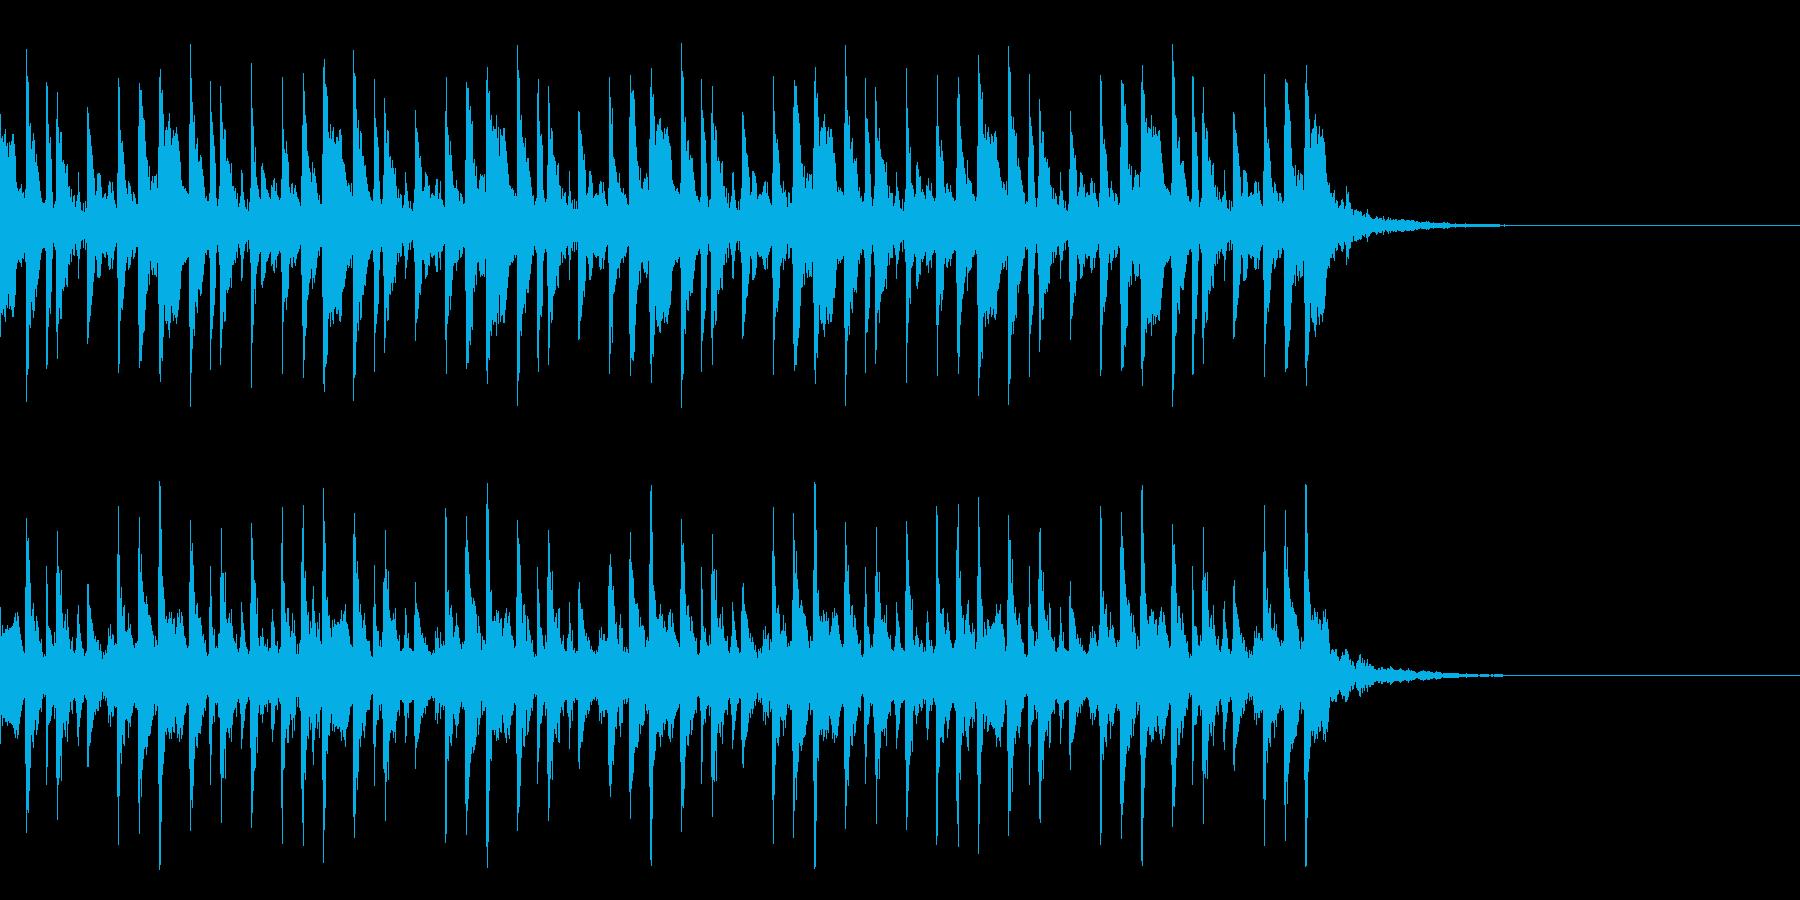 パーラッラーパーラッ…(オープニング)の再生済みの波形